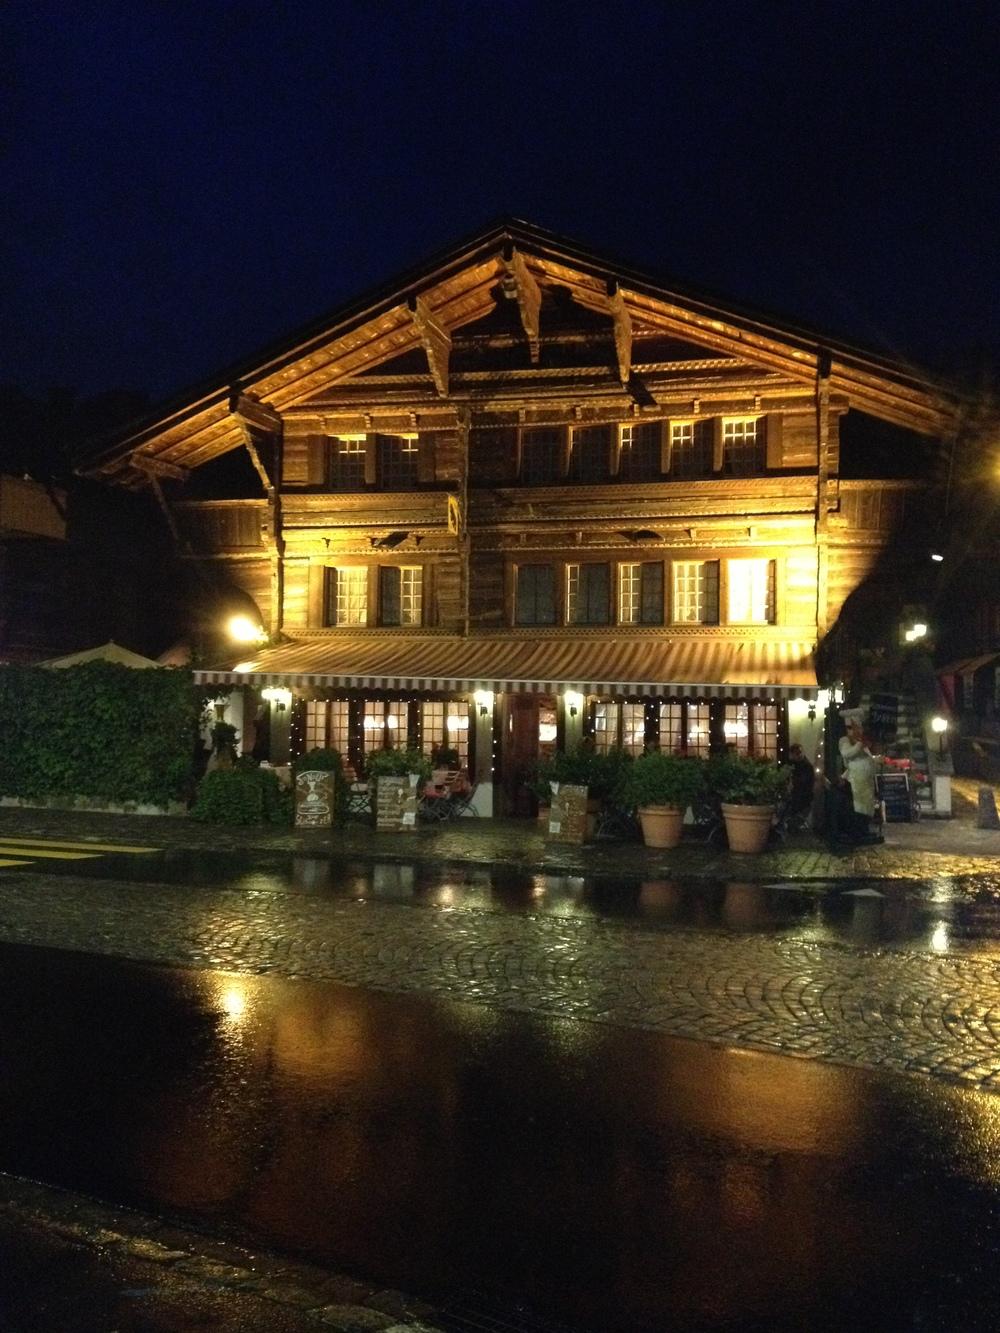 Interlaken, son charme